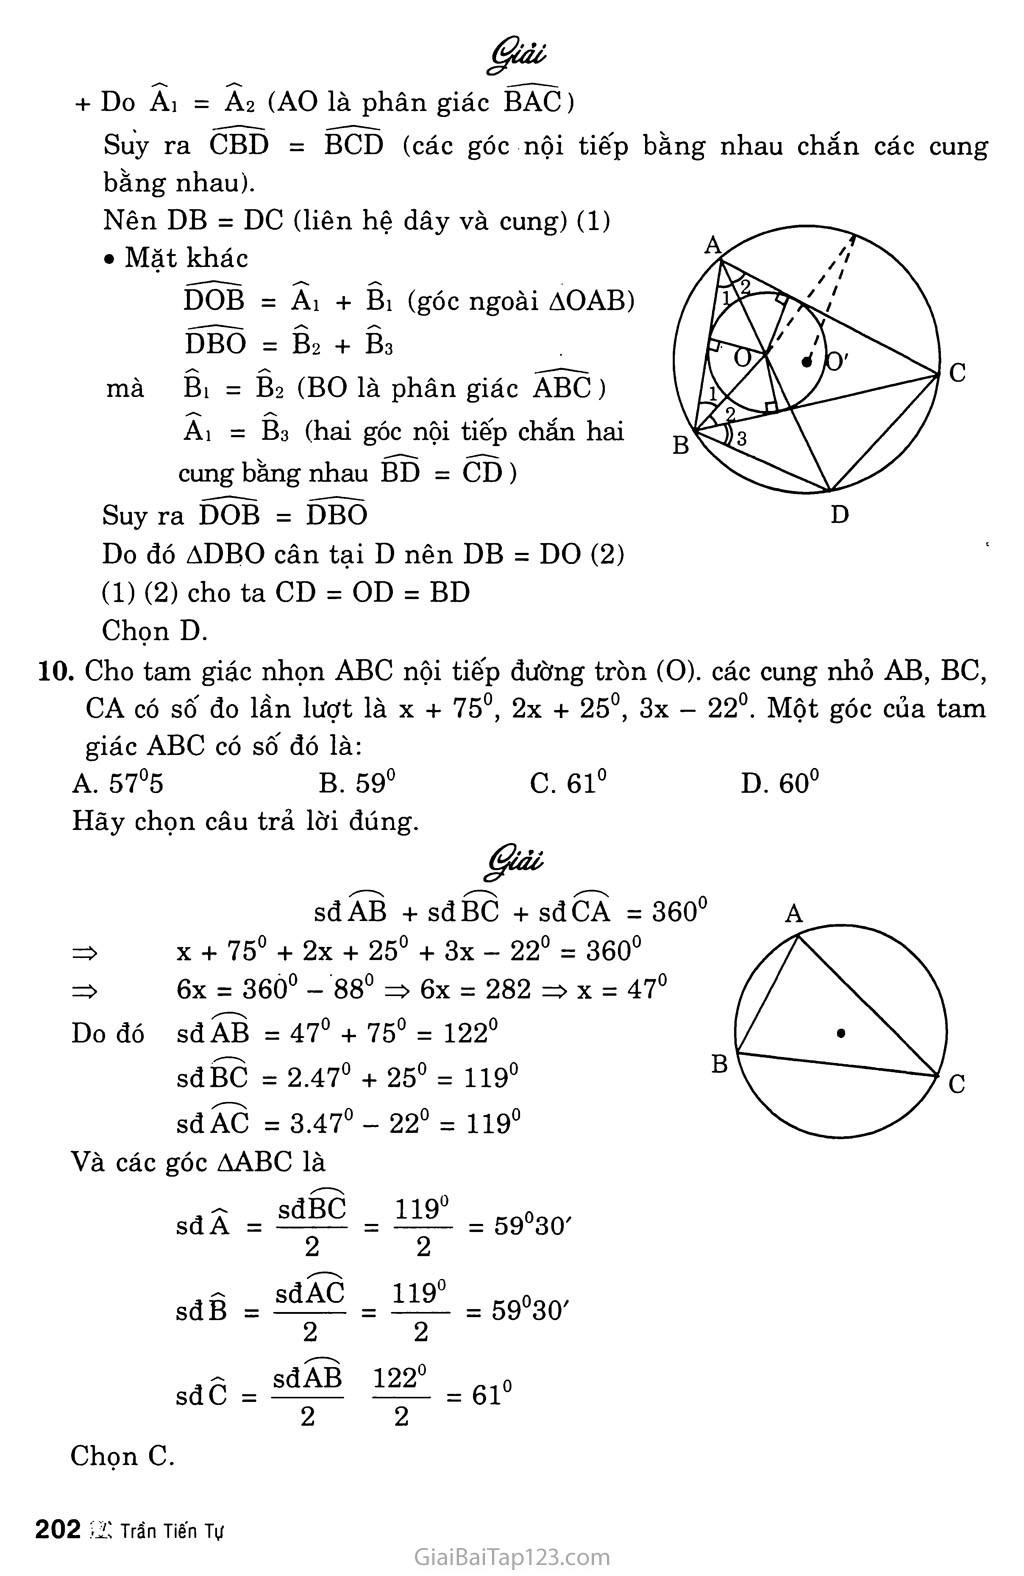 Bài tập ôn cuối năm trang 16